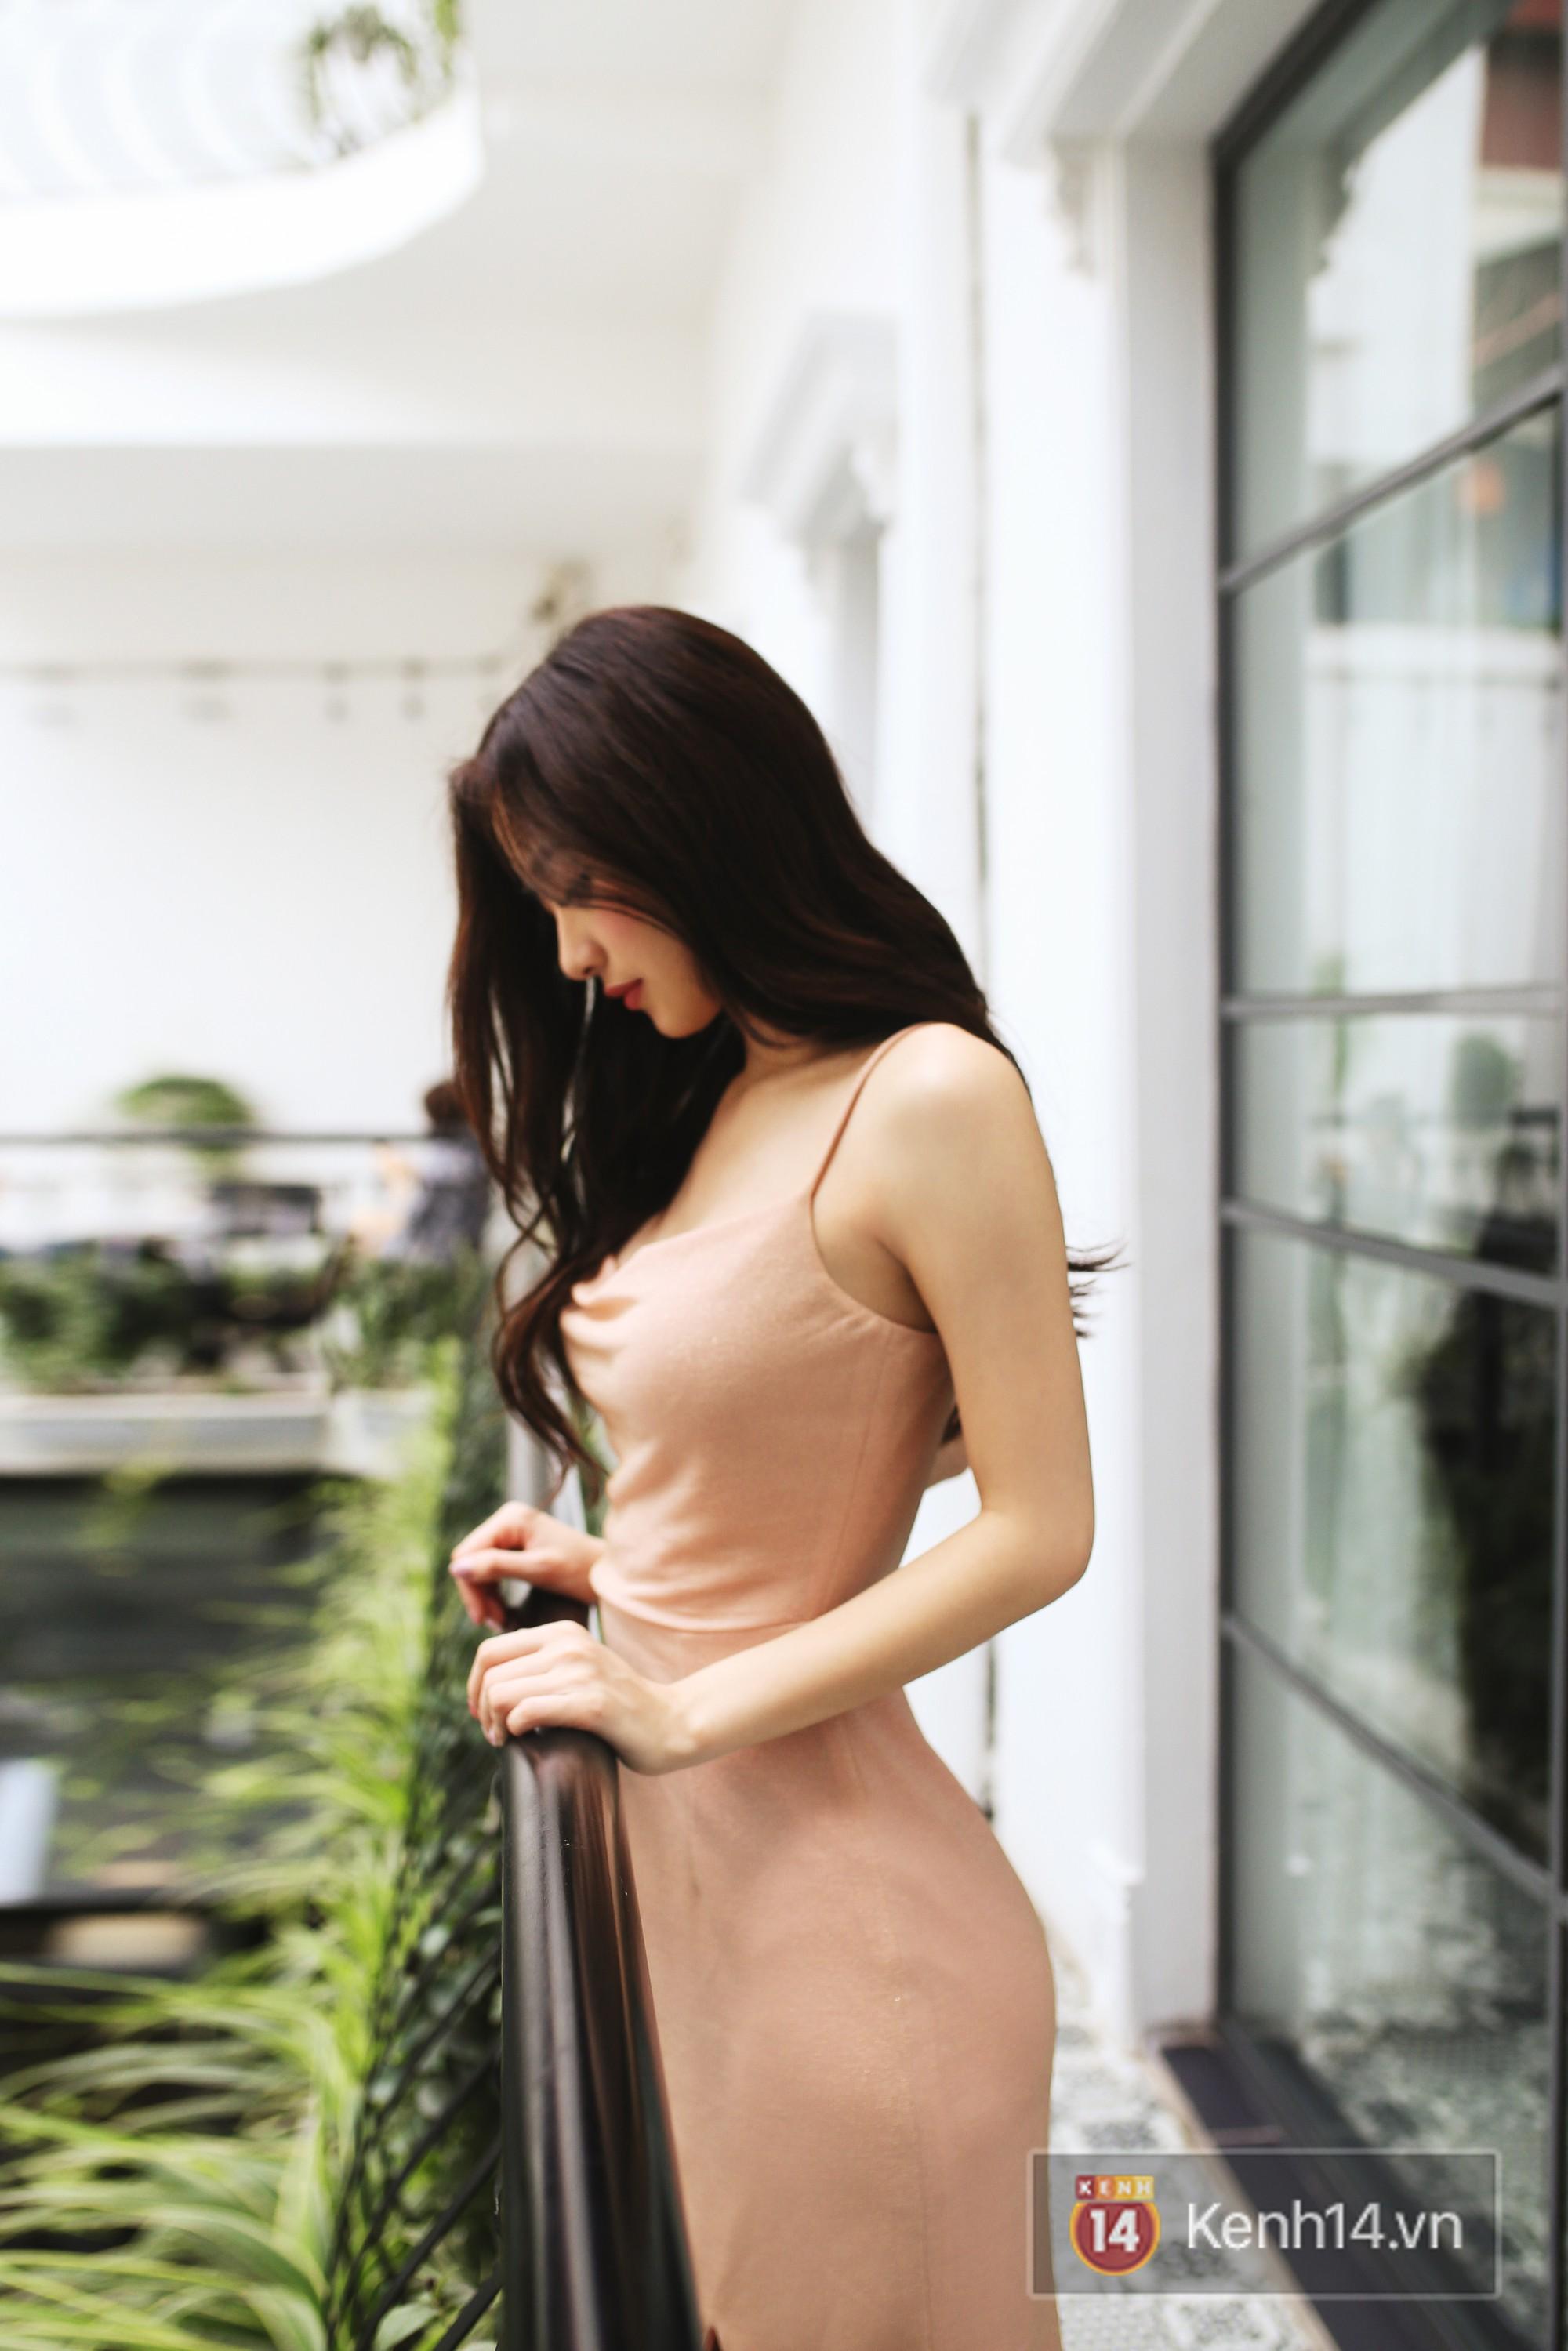 Jun Vũ sau khi nâng ngực: Không hiểu mọi người tiếc cái gì nữa, mặt mình vẫn như cũ, tính cách hay con người có thay đổi đâu - Ảnh 7.